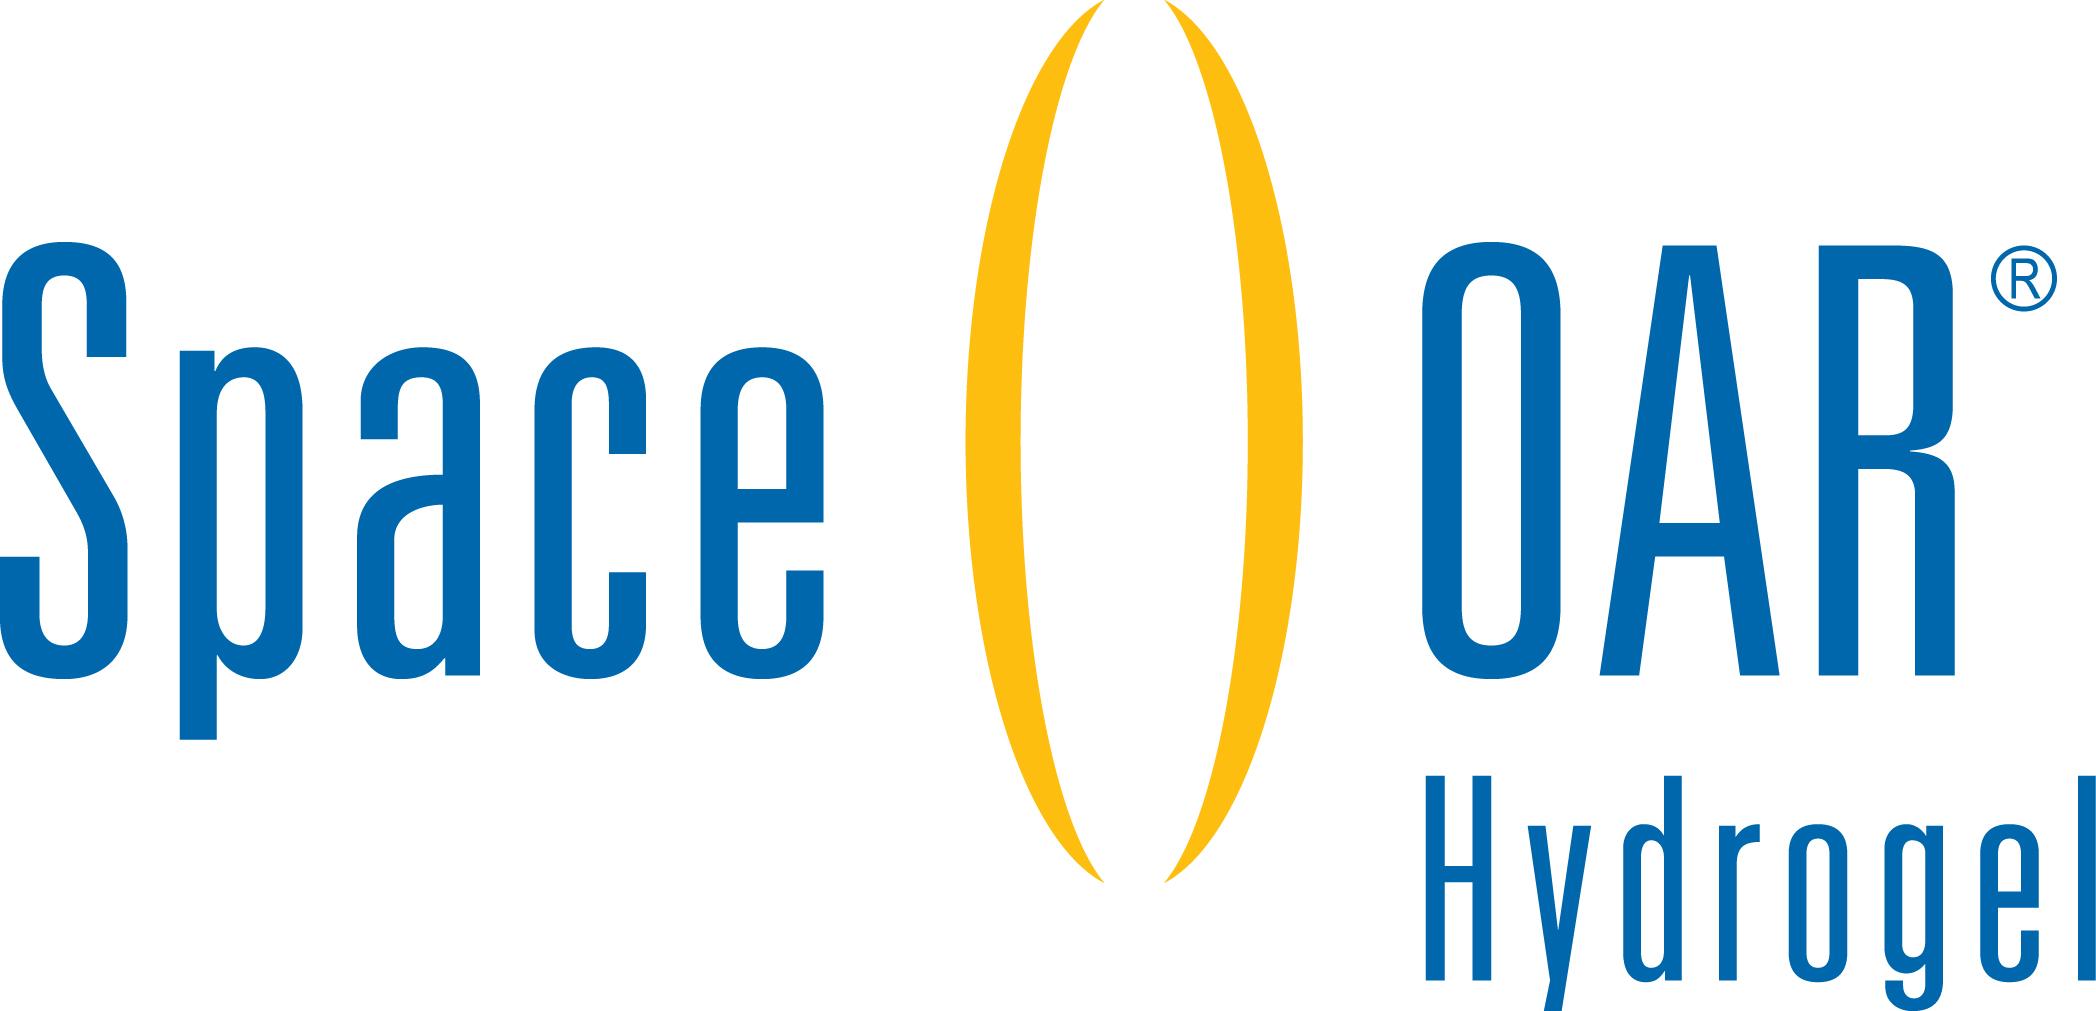 SpaceOar-Hydrogel«_Logo_tag_CMYK.jpg